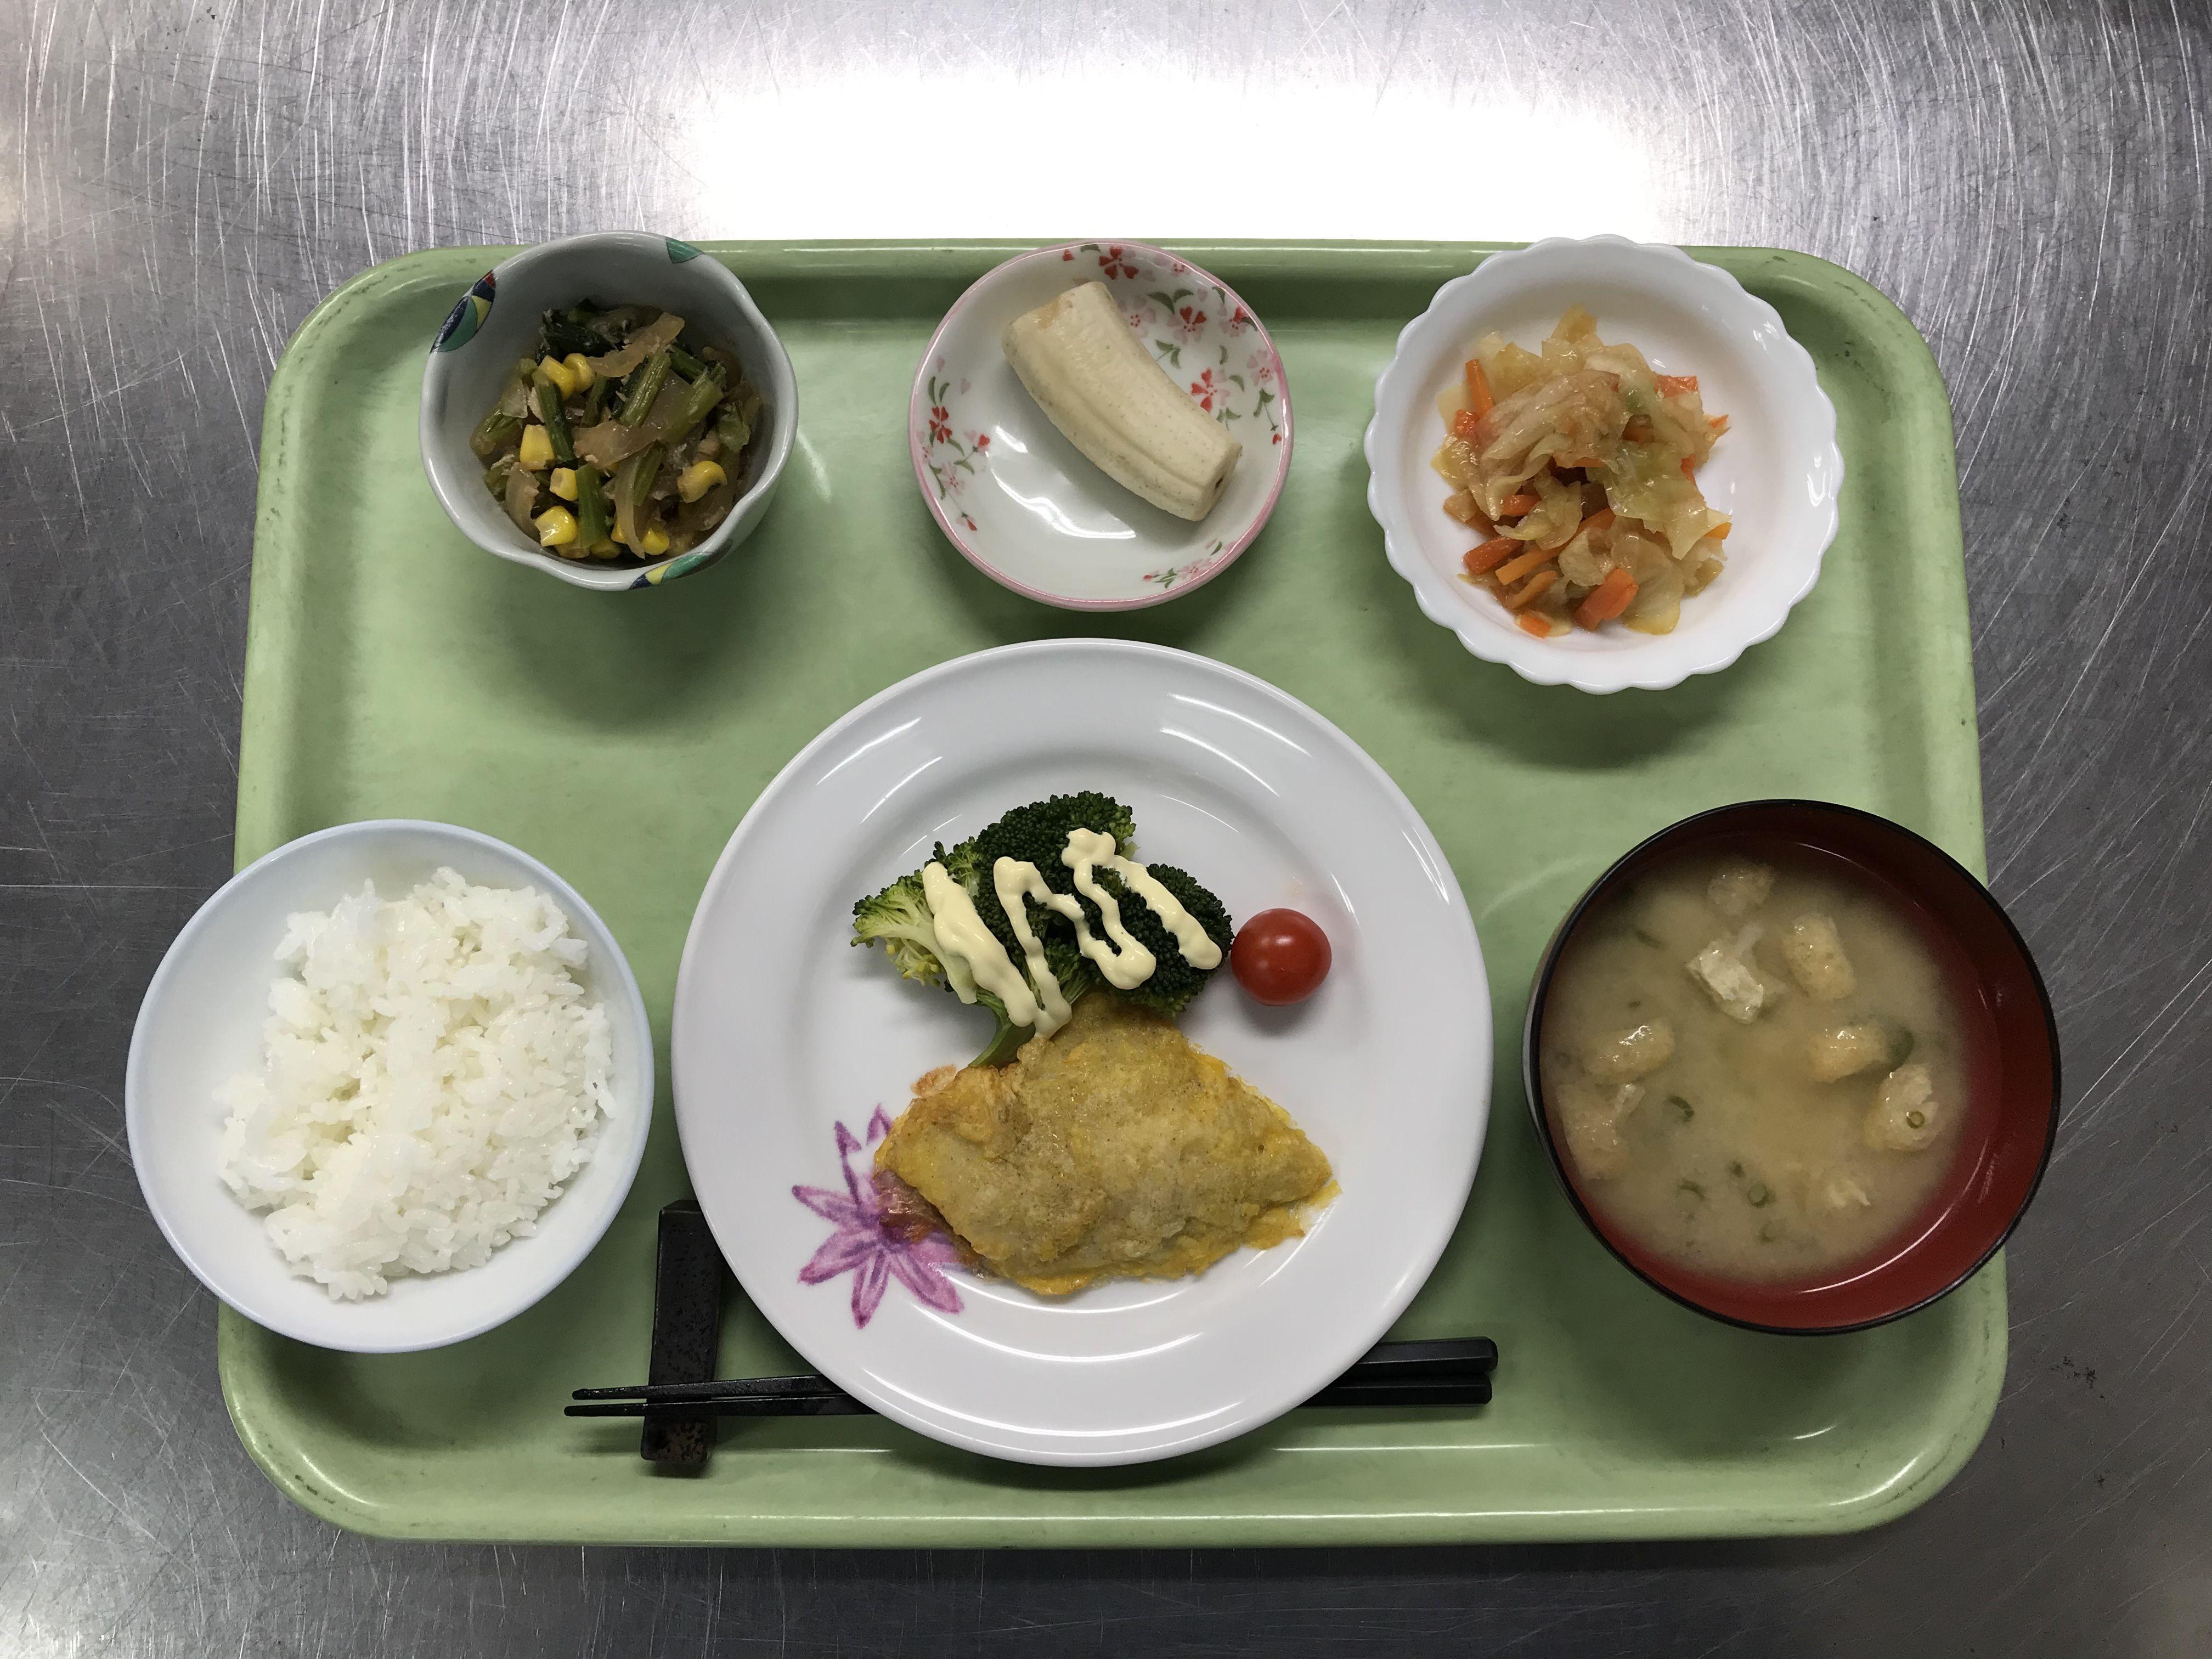 2月1日。白身魚の黄金焼き、青梗菜とシーチキンのソテー、カブの中華サラダ、里芋と揚げの味噌汁、バナナでした!青梗菜とシーチキンのソテーが特に美味しかったです!604カロリーです